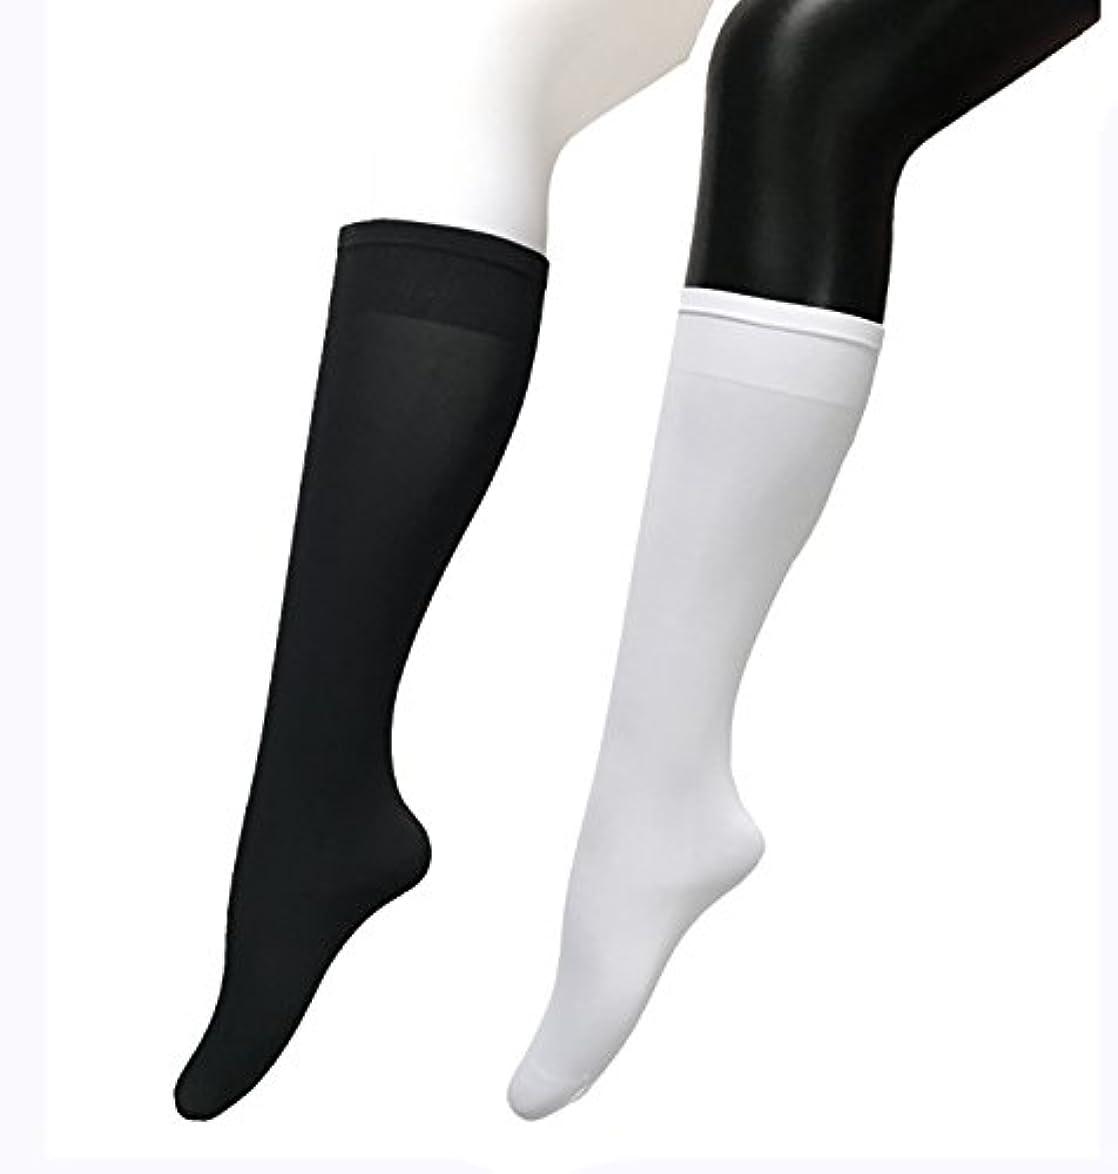 合図流枯渇COSCO ストッキング ソックス ニーソックス 膝下タイプ 着圧 美脚 40CM